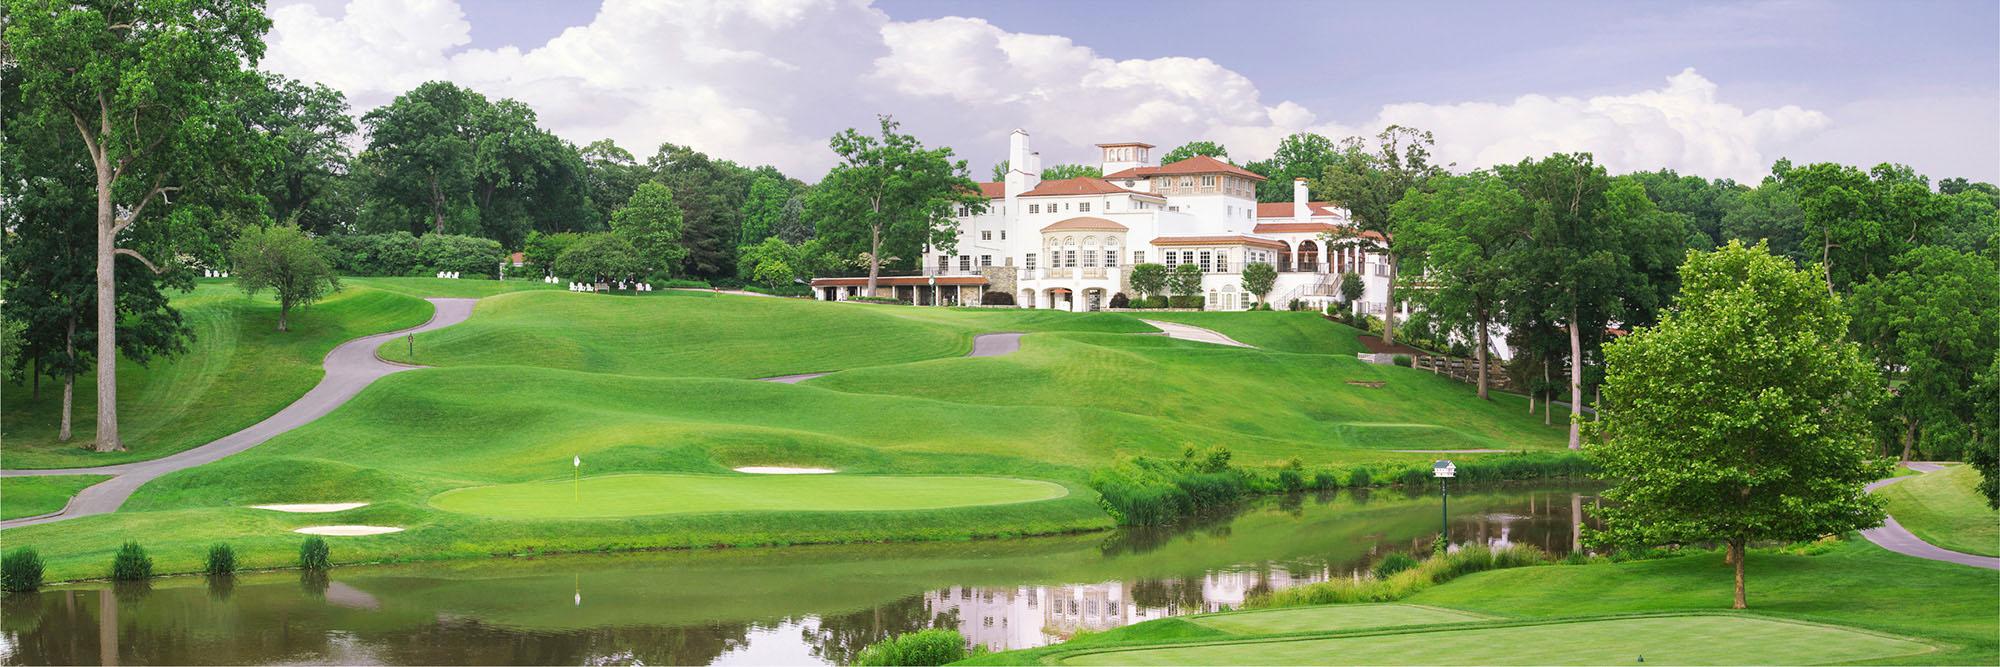 Golf Course Image - Congressional No. 18